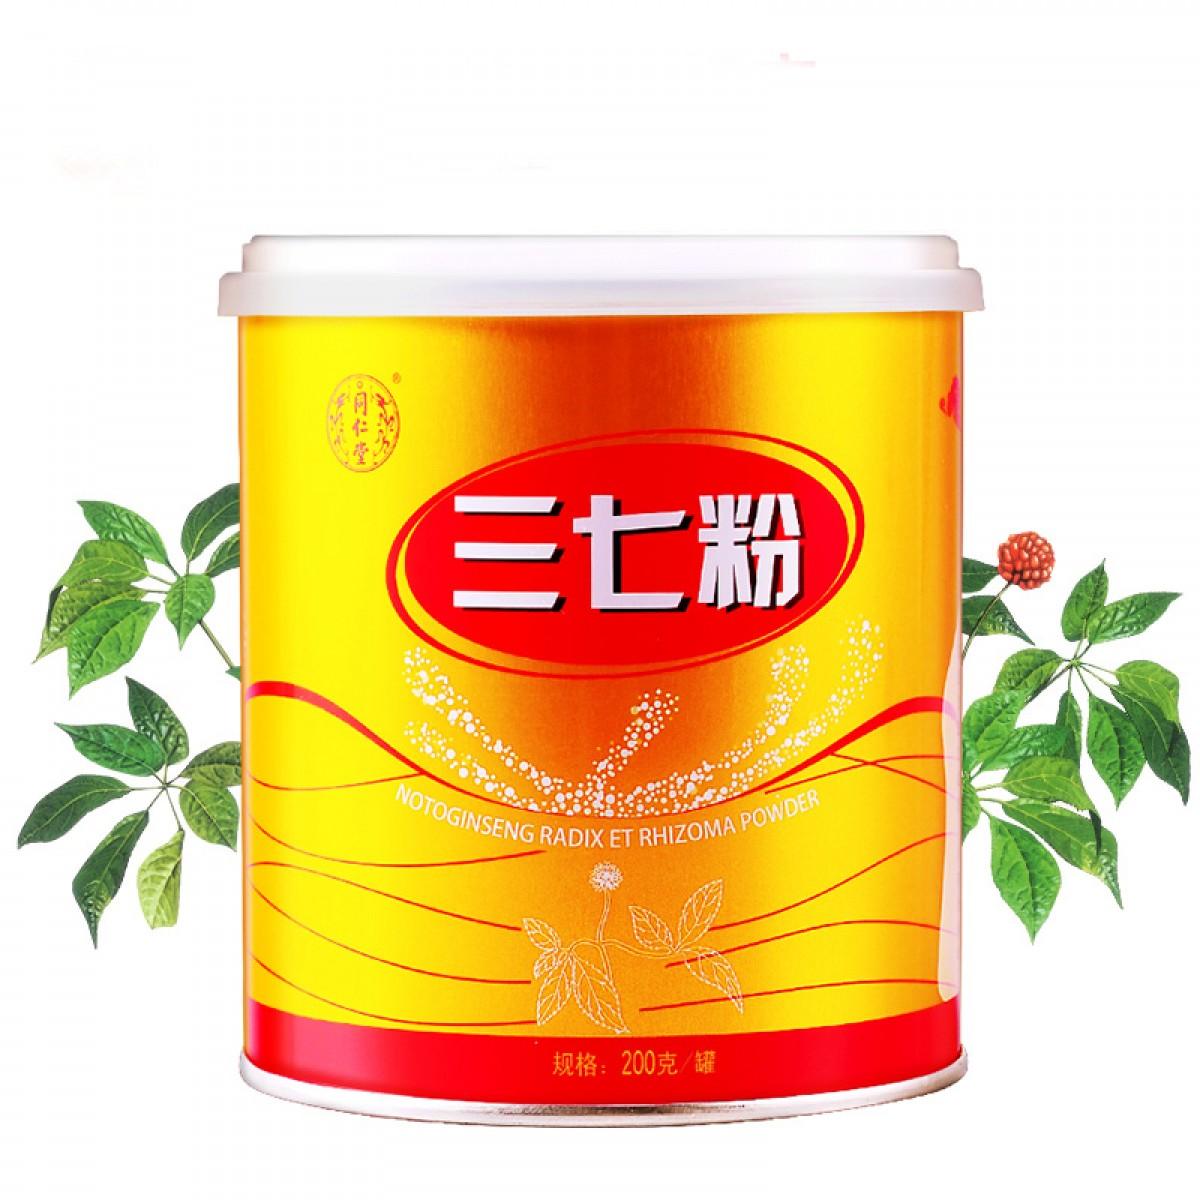 同仁堂 三七粉 200g(精選云南文山三七)